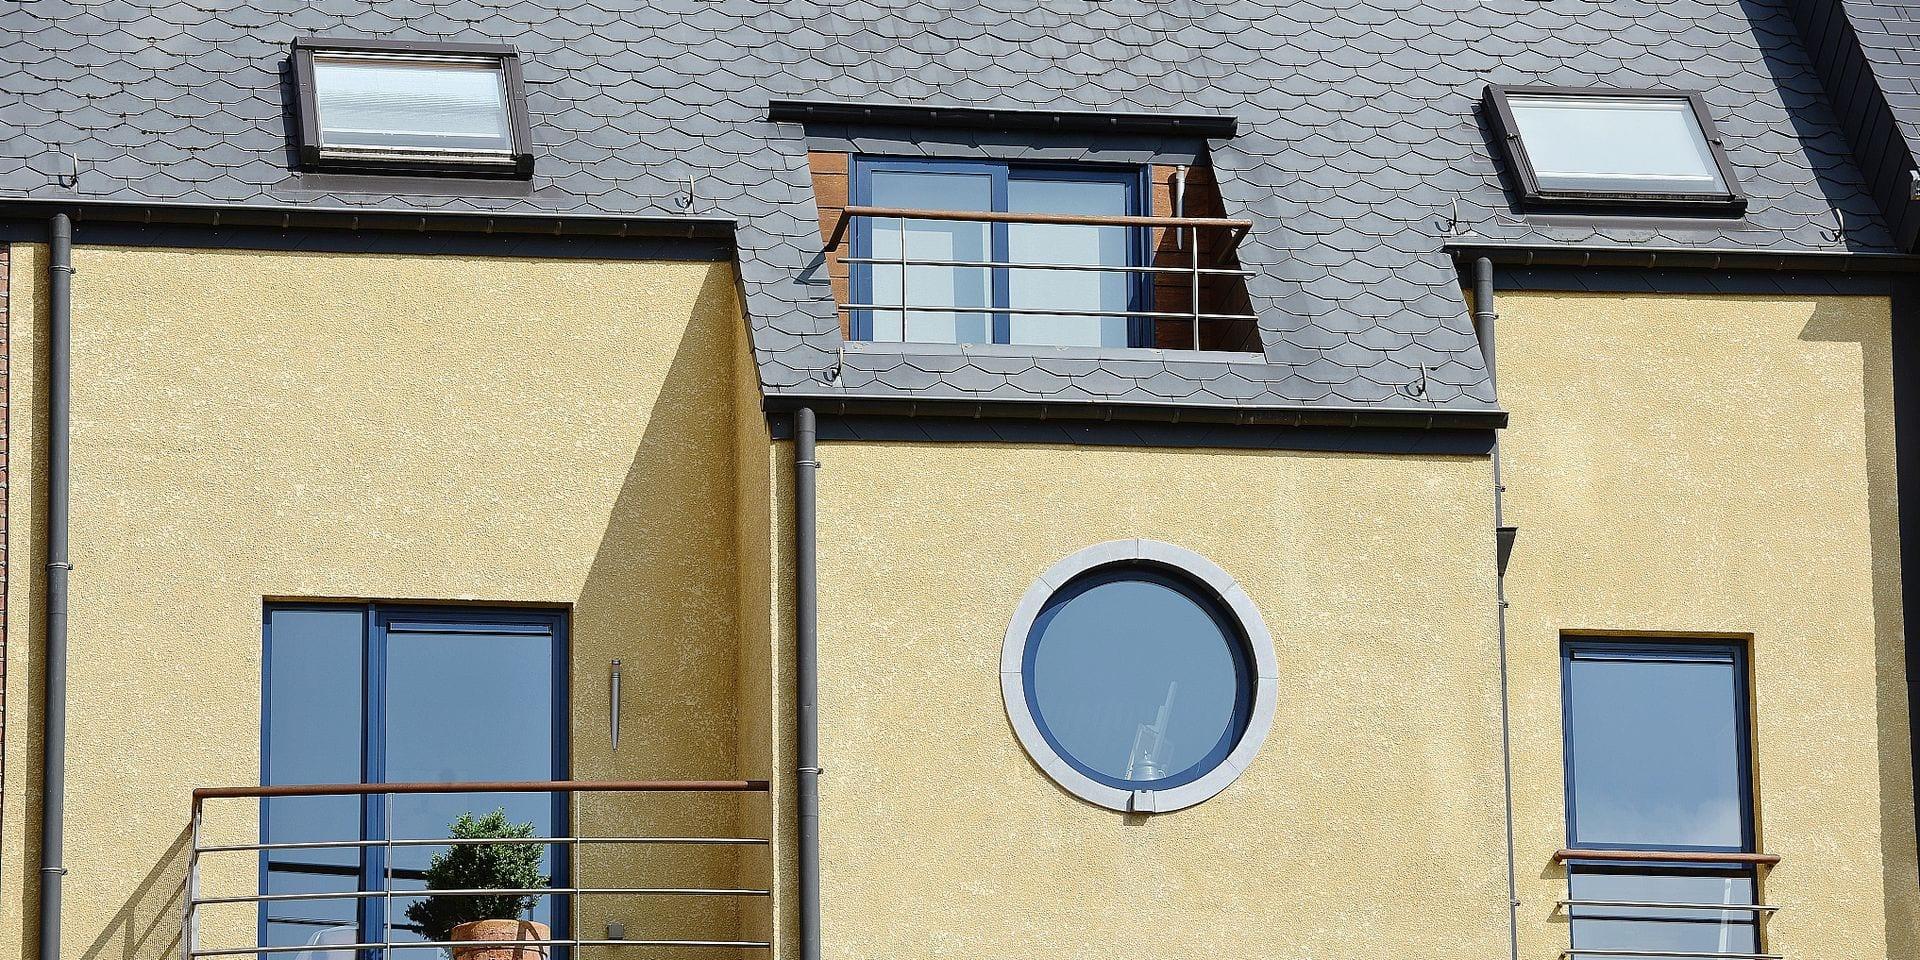 Le revenu cadastral d'un bâtiment est souvent très éloigné de la réalité.